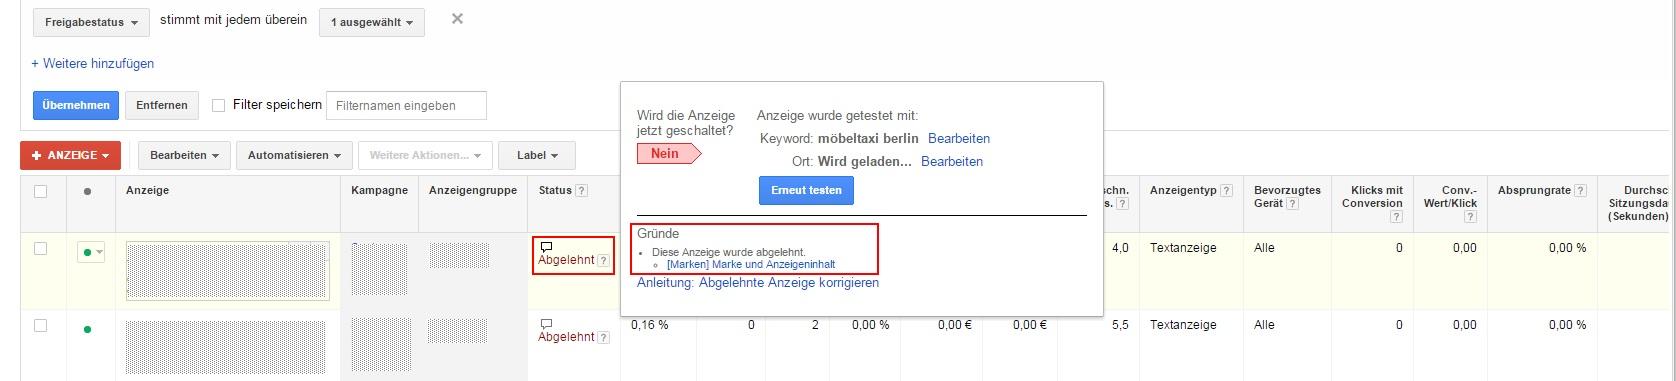 Verletzung des Markenrechts Google Adwords Anzeige